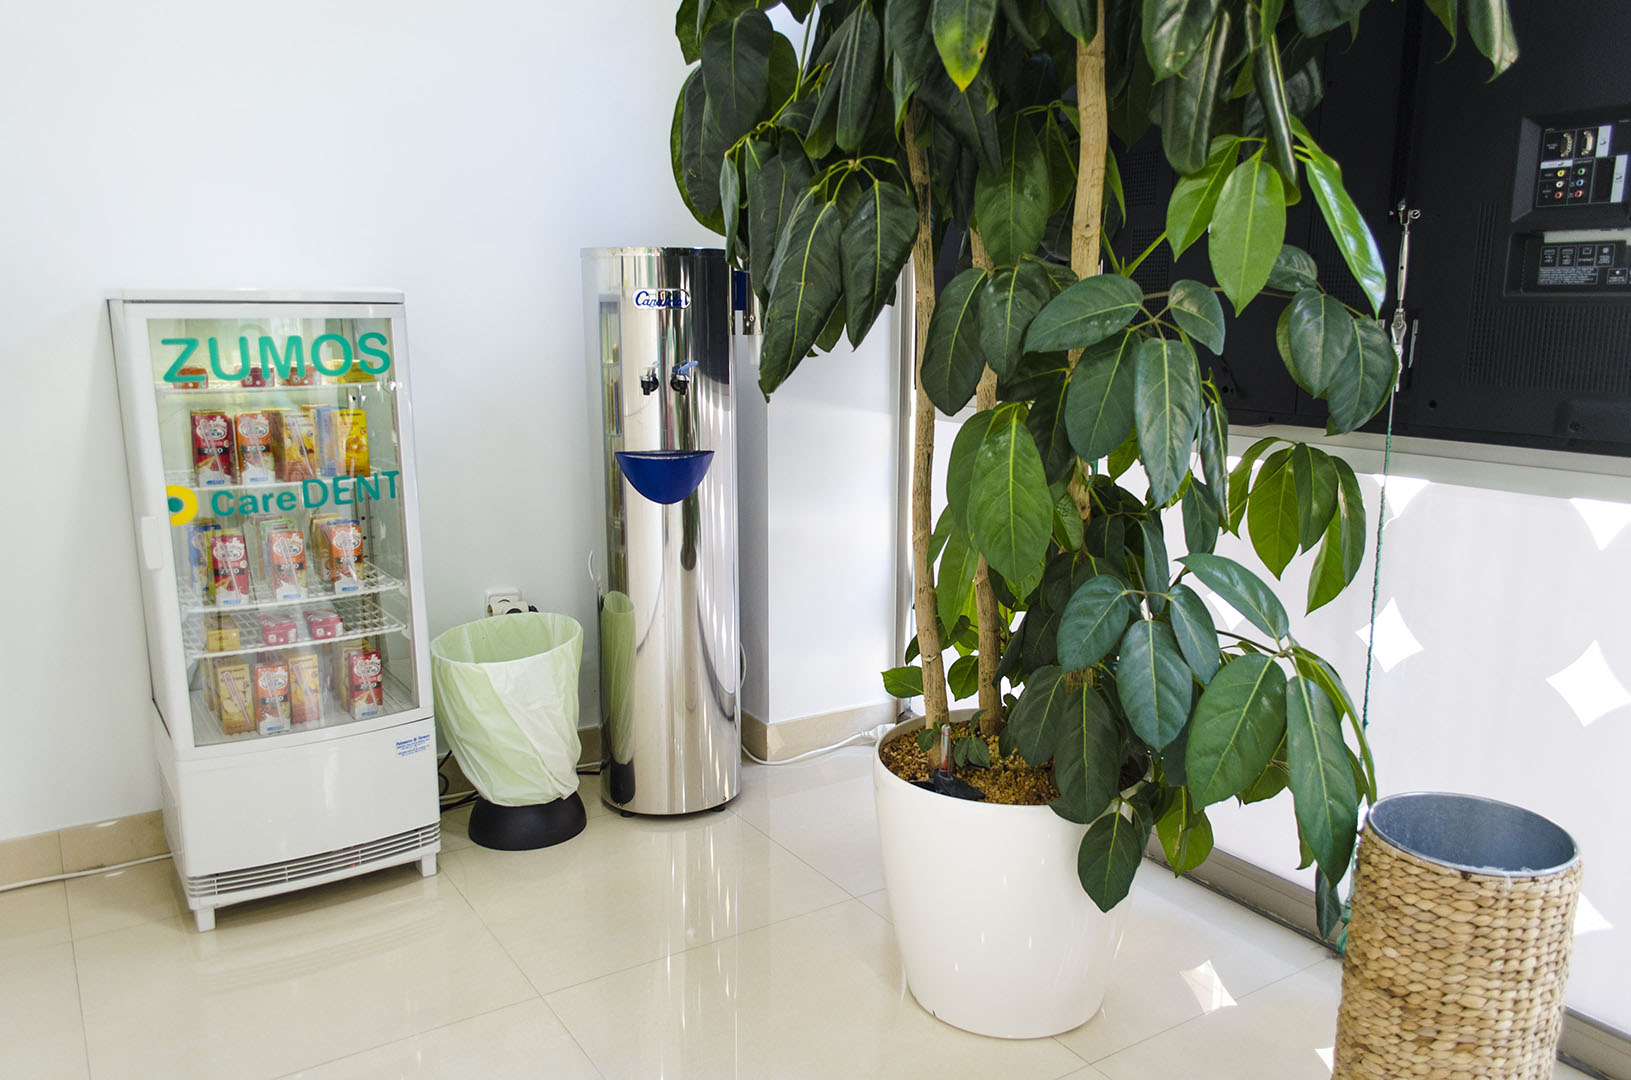 Caredent Albacete clínica dental - maquinas de bebidas